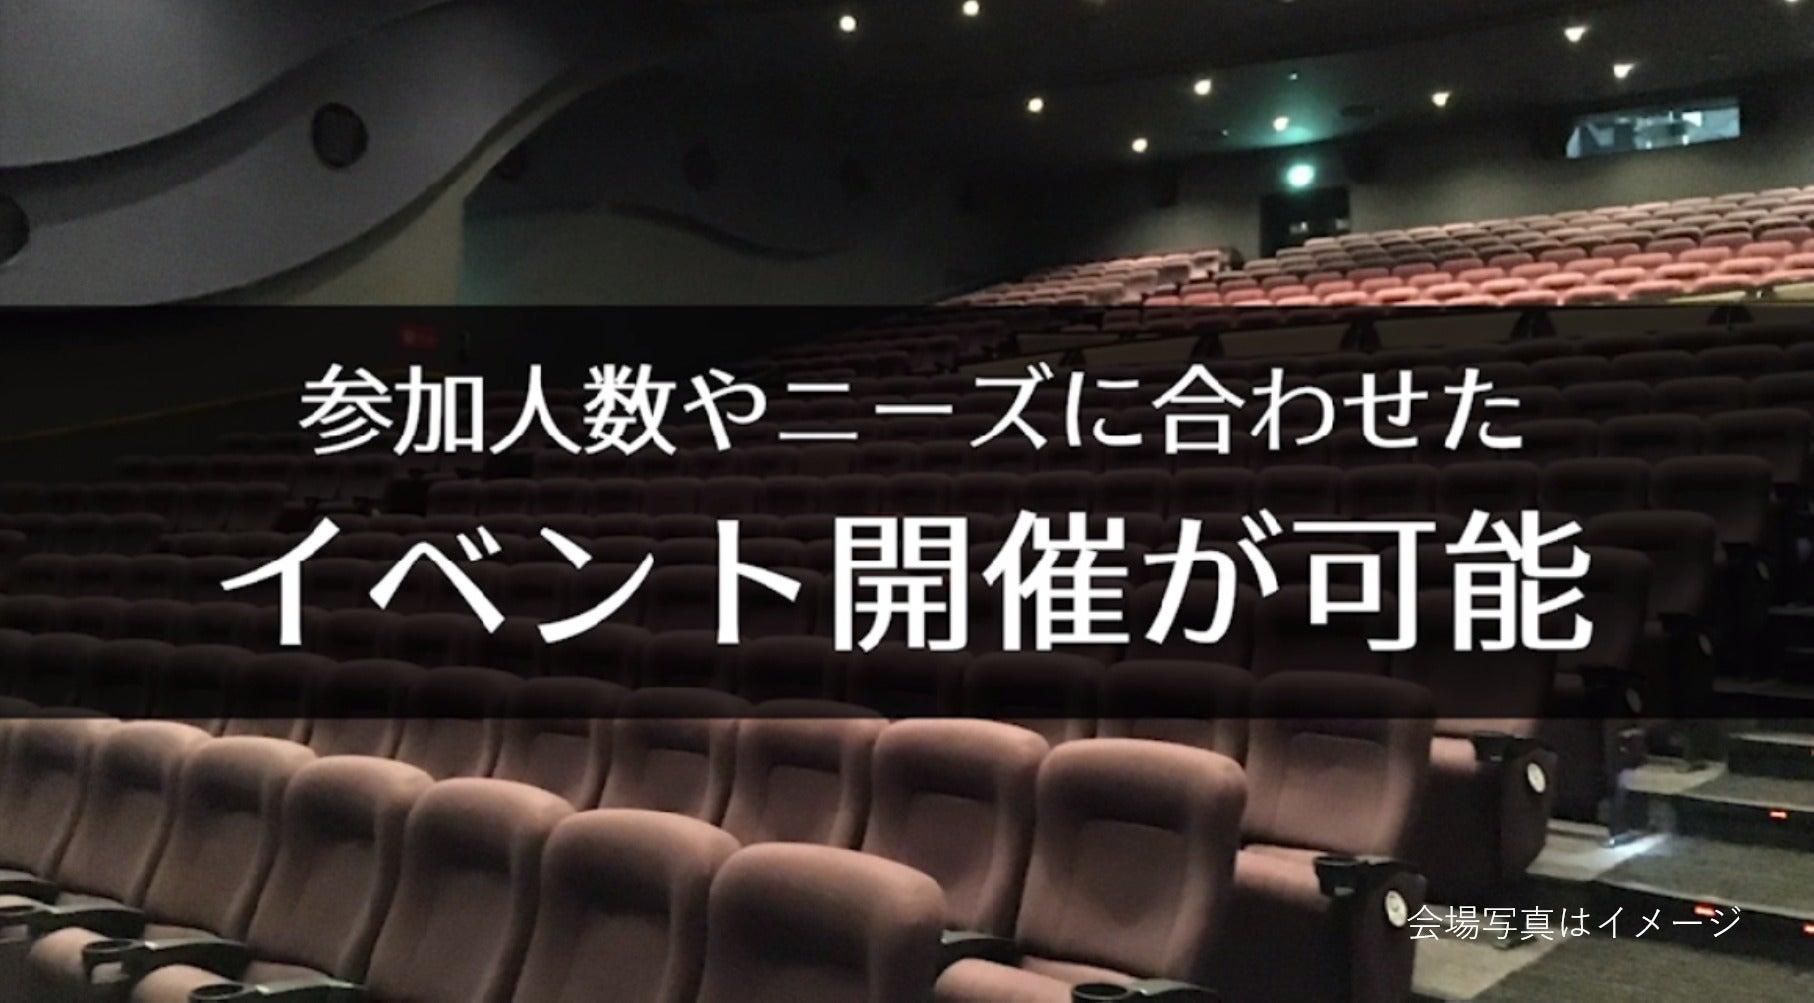 【岡崎 205席】映画館で、会社説明会、株主総会、講演会の企画はいかがですか?(ユナイテッド・シネマ岡崎) の写真0